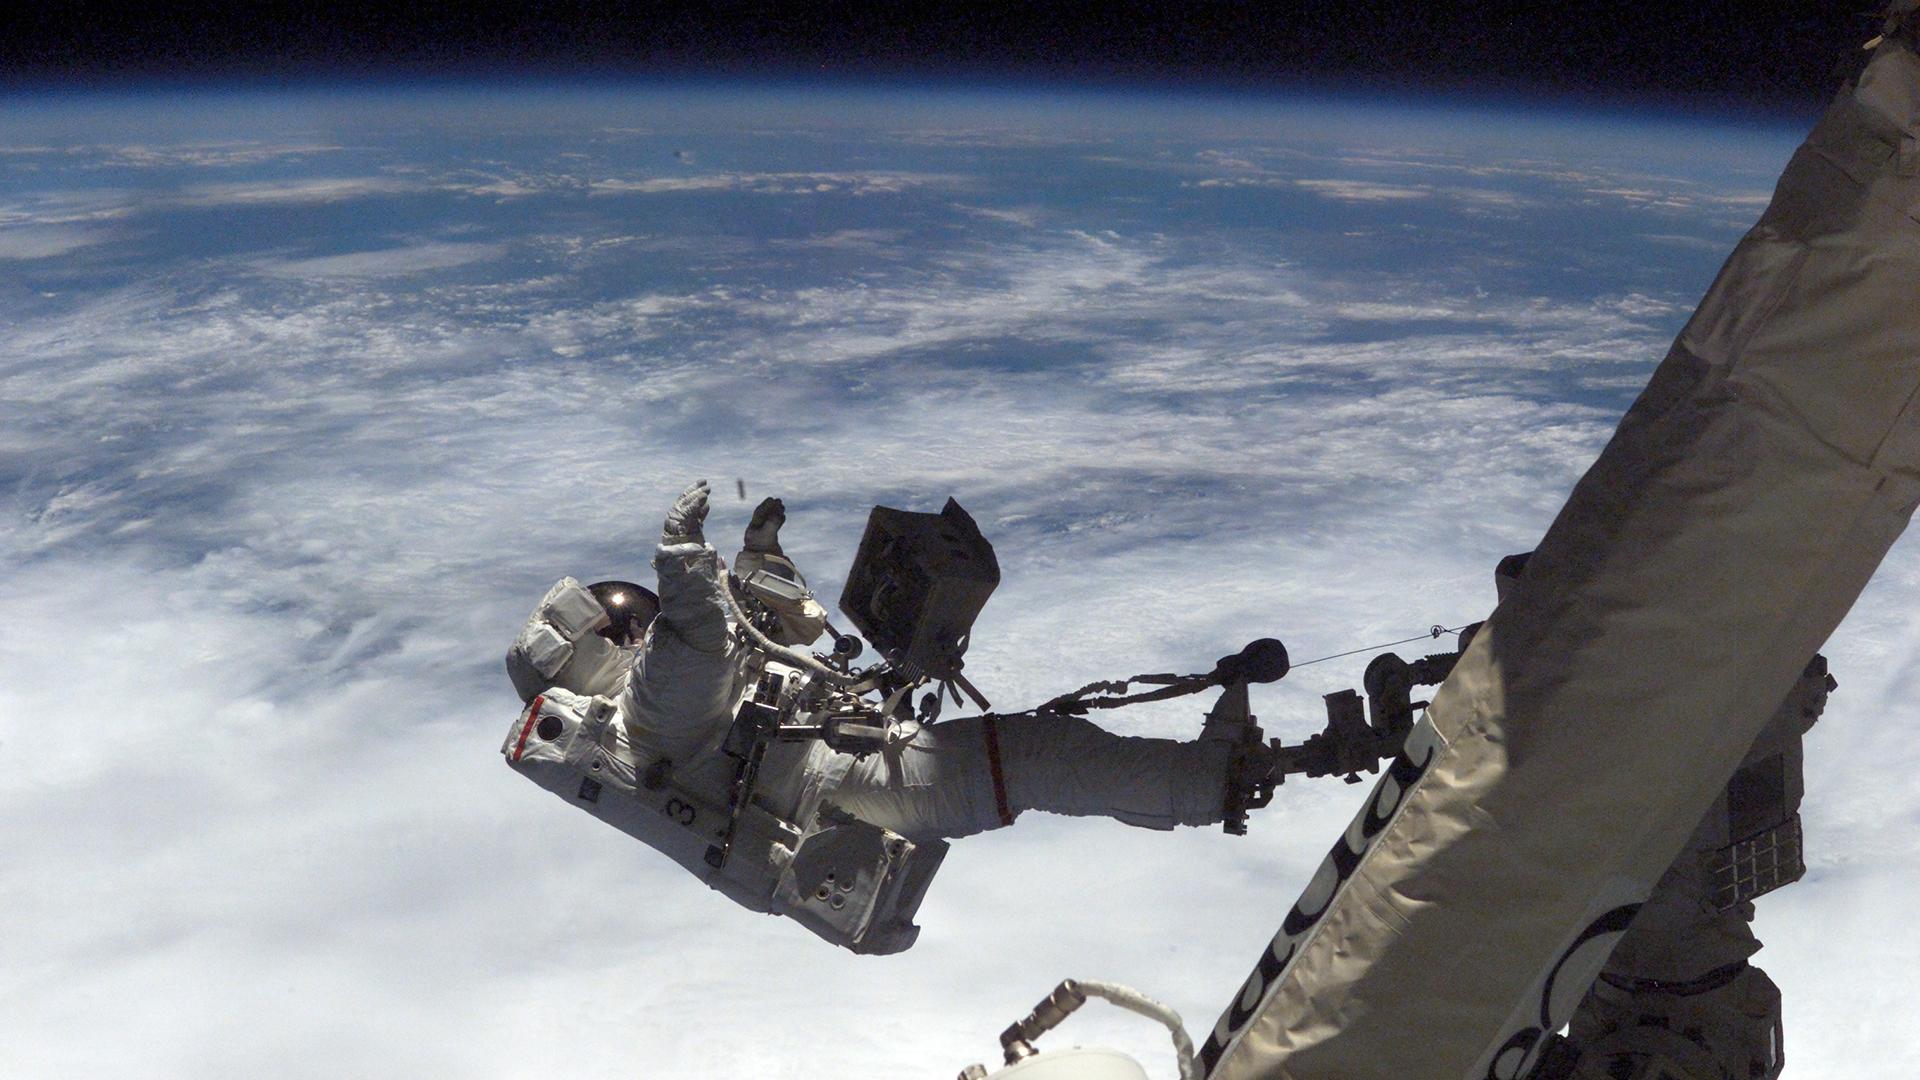 L'astronaute David A. Wolf effectue une sortie dans l'espace le 12 octobre 2002. Le long sous-vêtement que Wolf portait sous sa combinaison spatiale a peut-être aussi été porté par un autre astronaute.